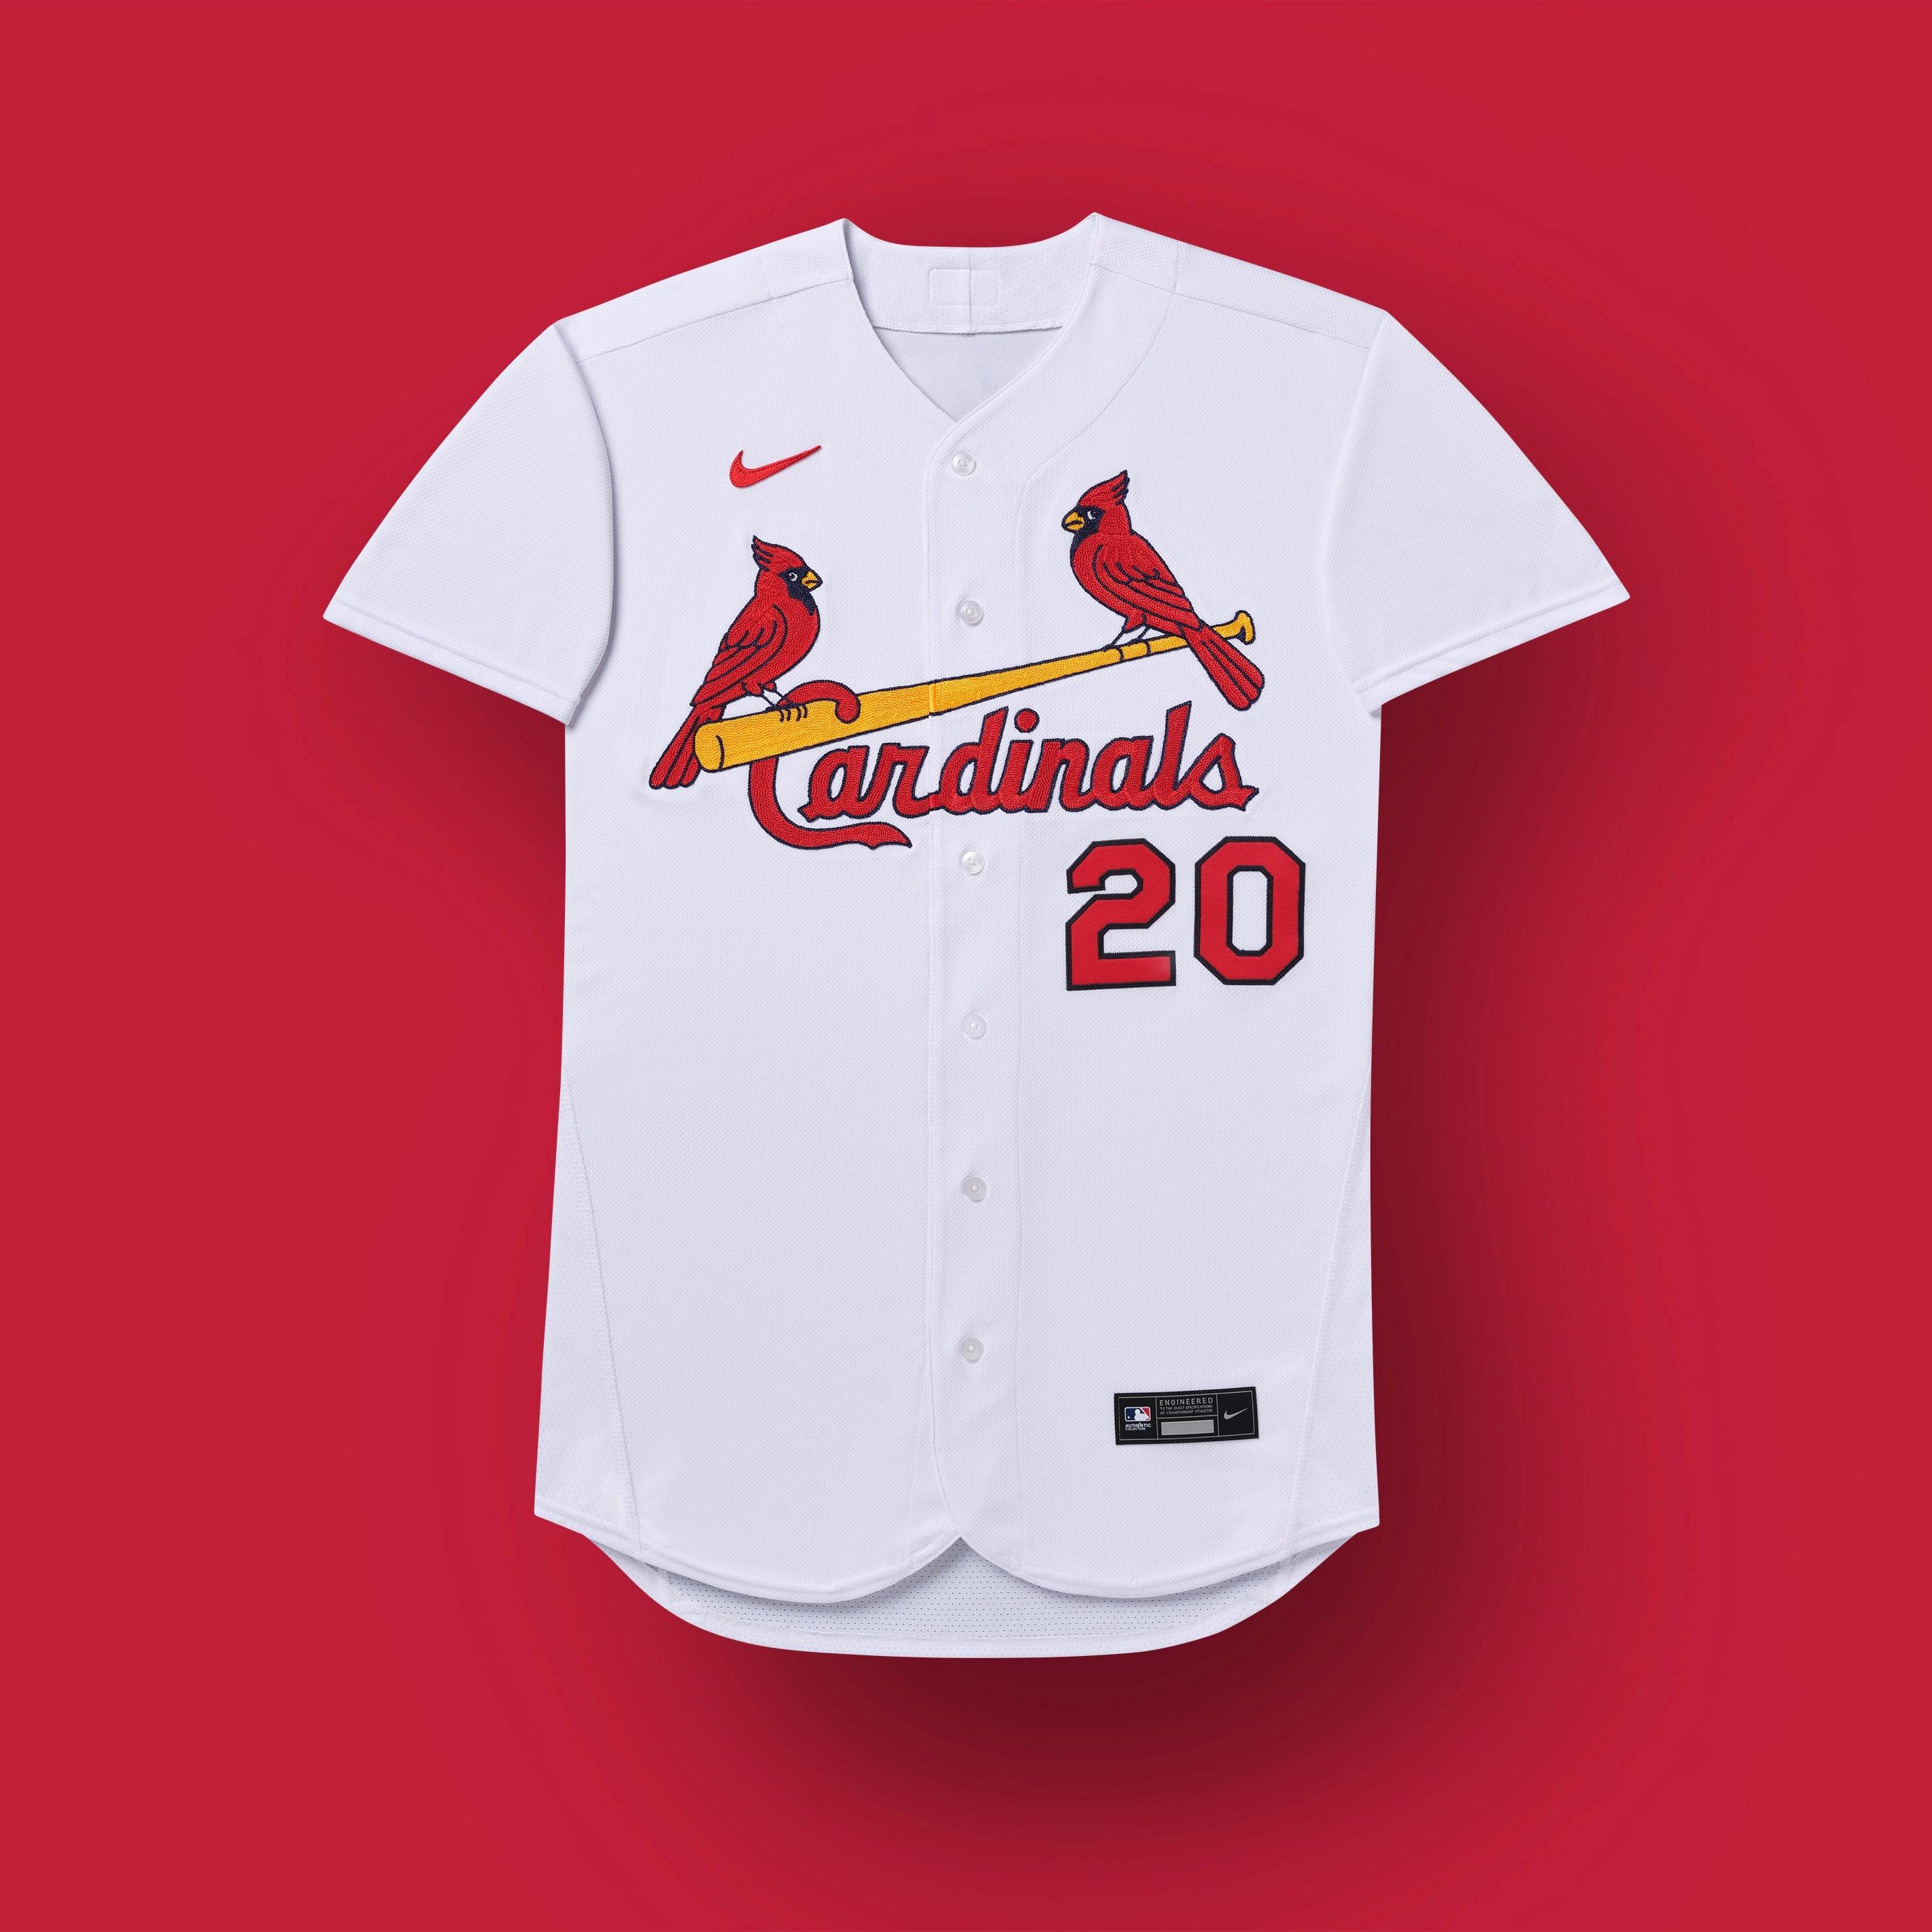 st louis cardinals 2020 uniform